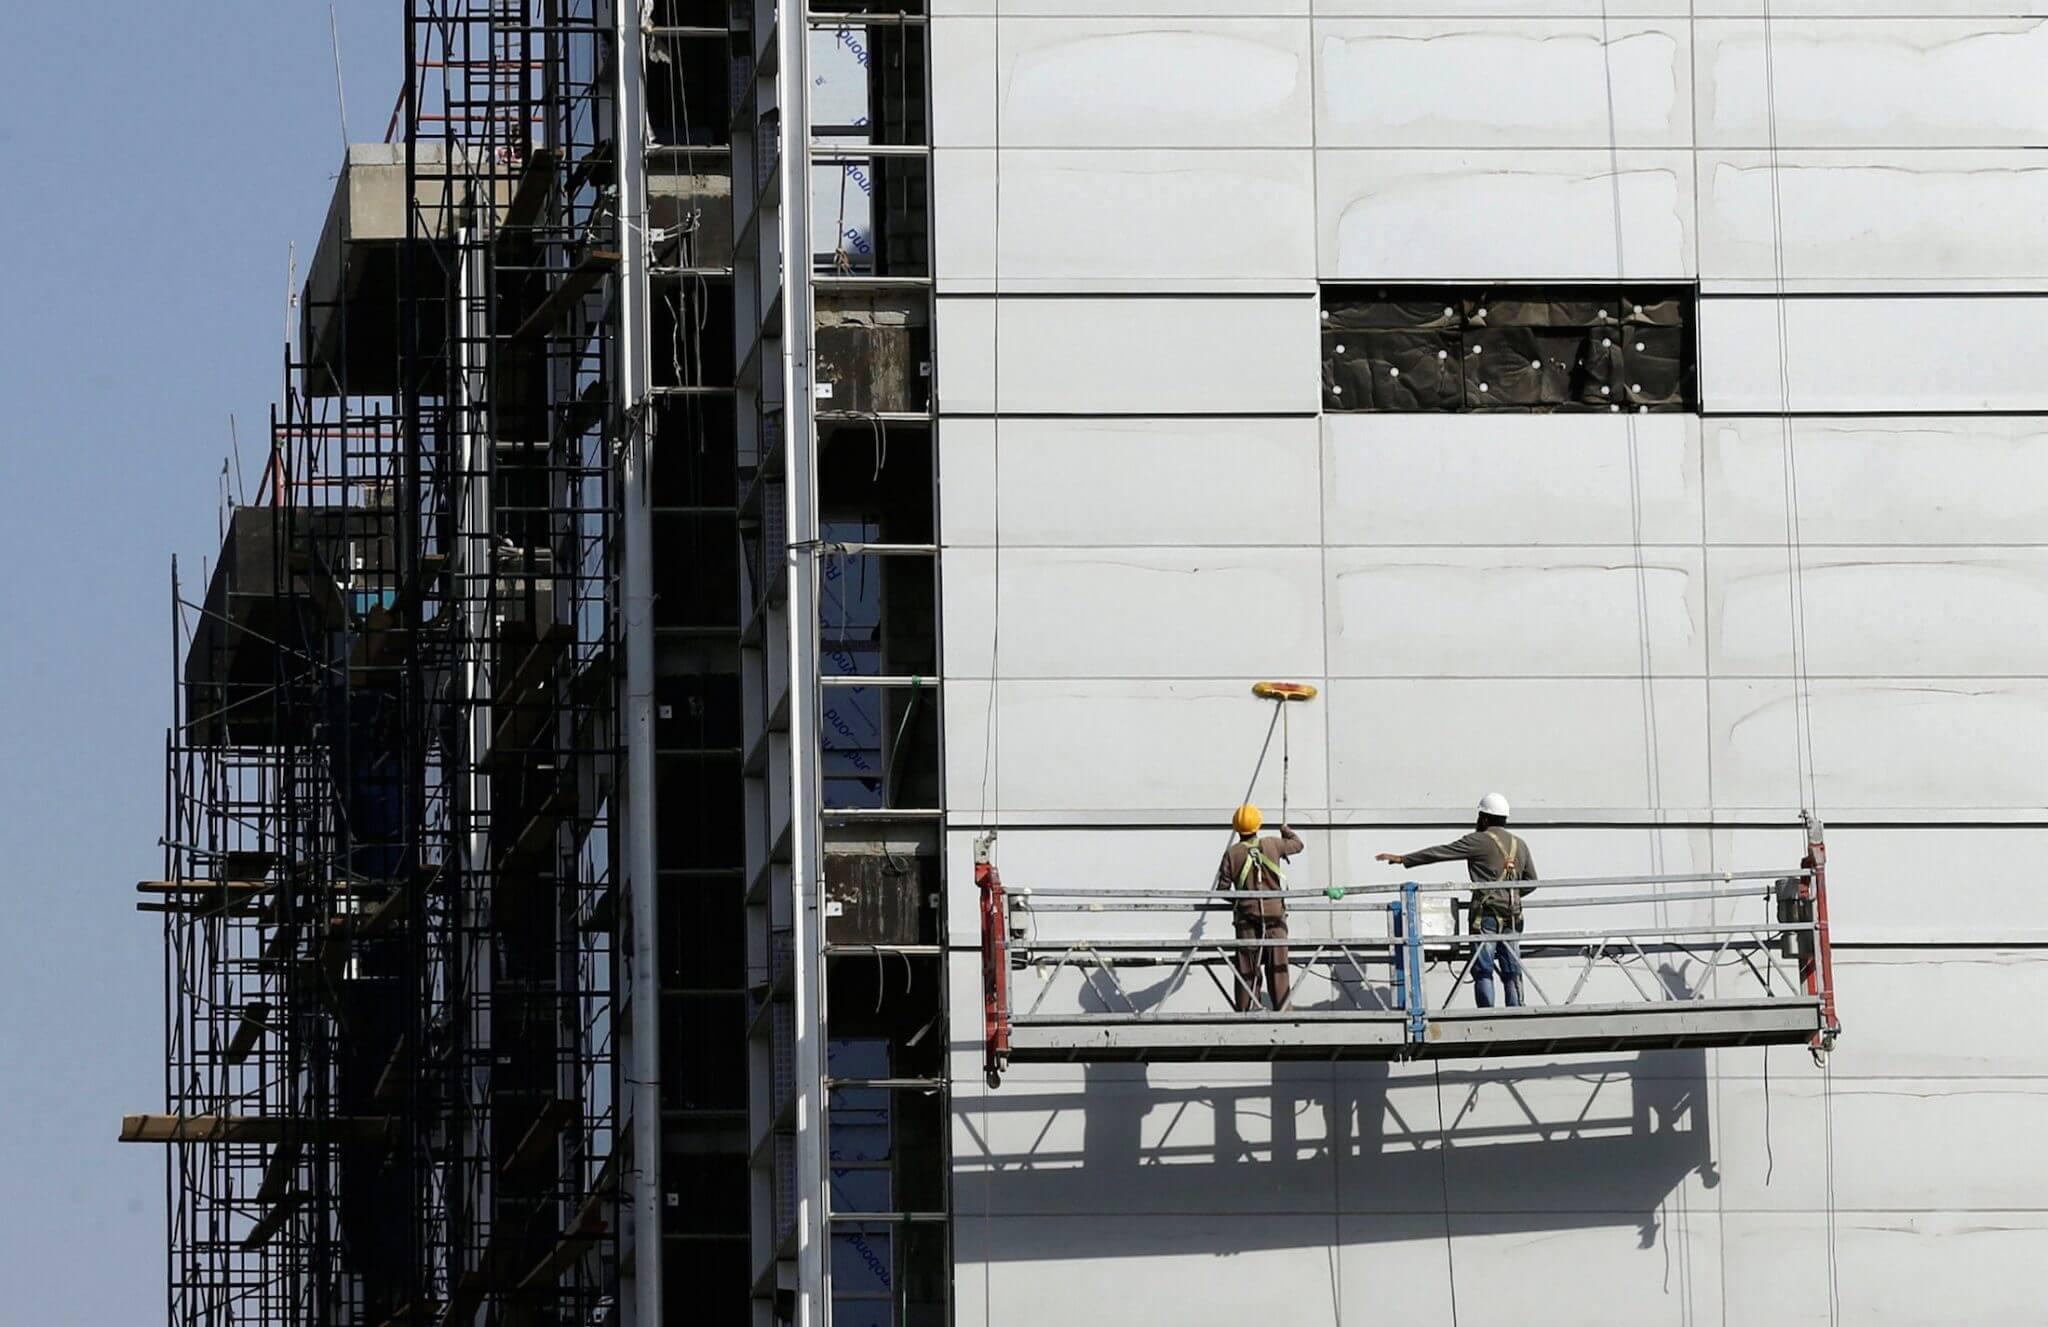 rts1h5w5 - Arábia Saudita construirá uma cidade 33 vezes maior que Nova York